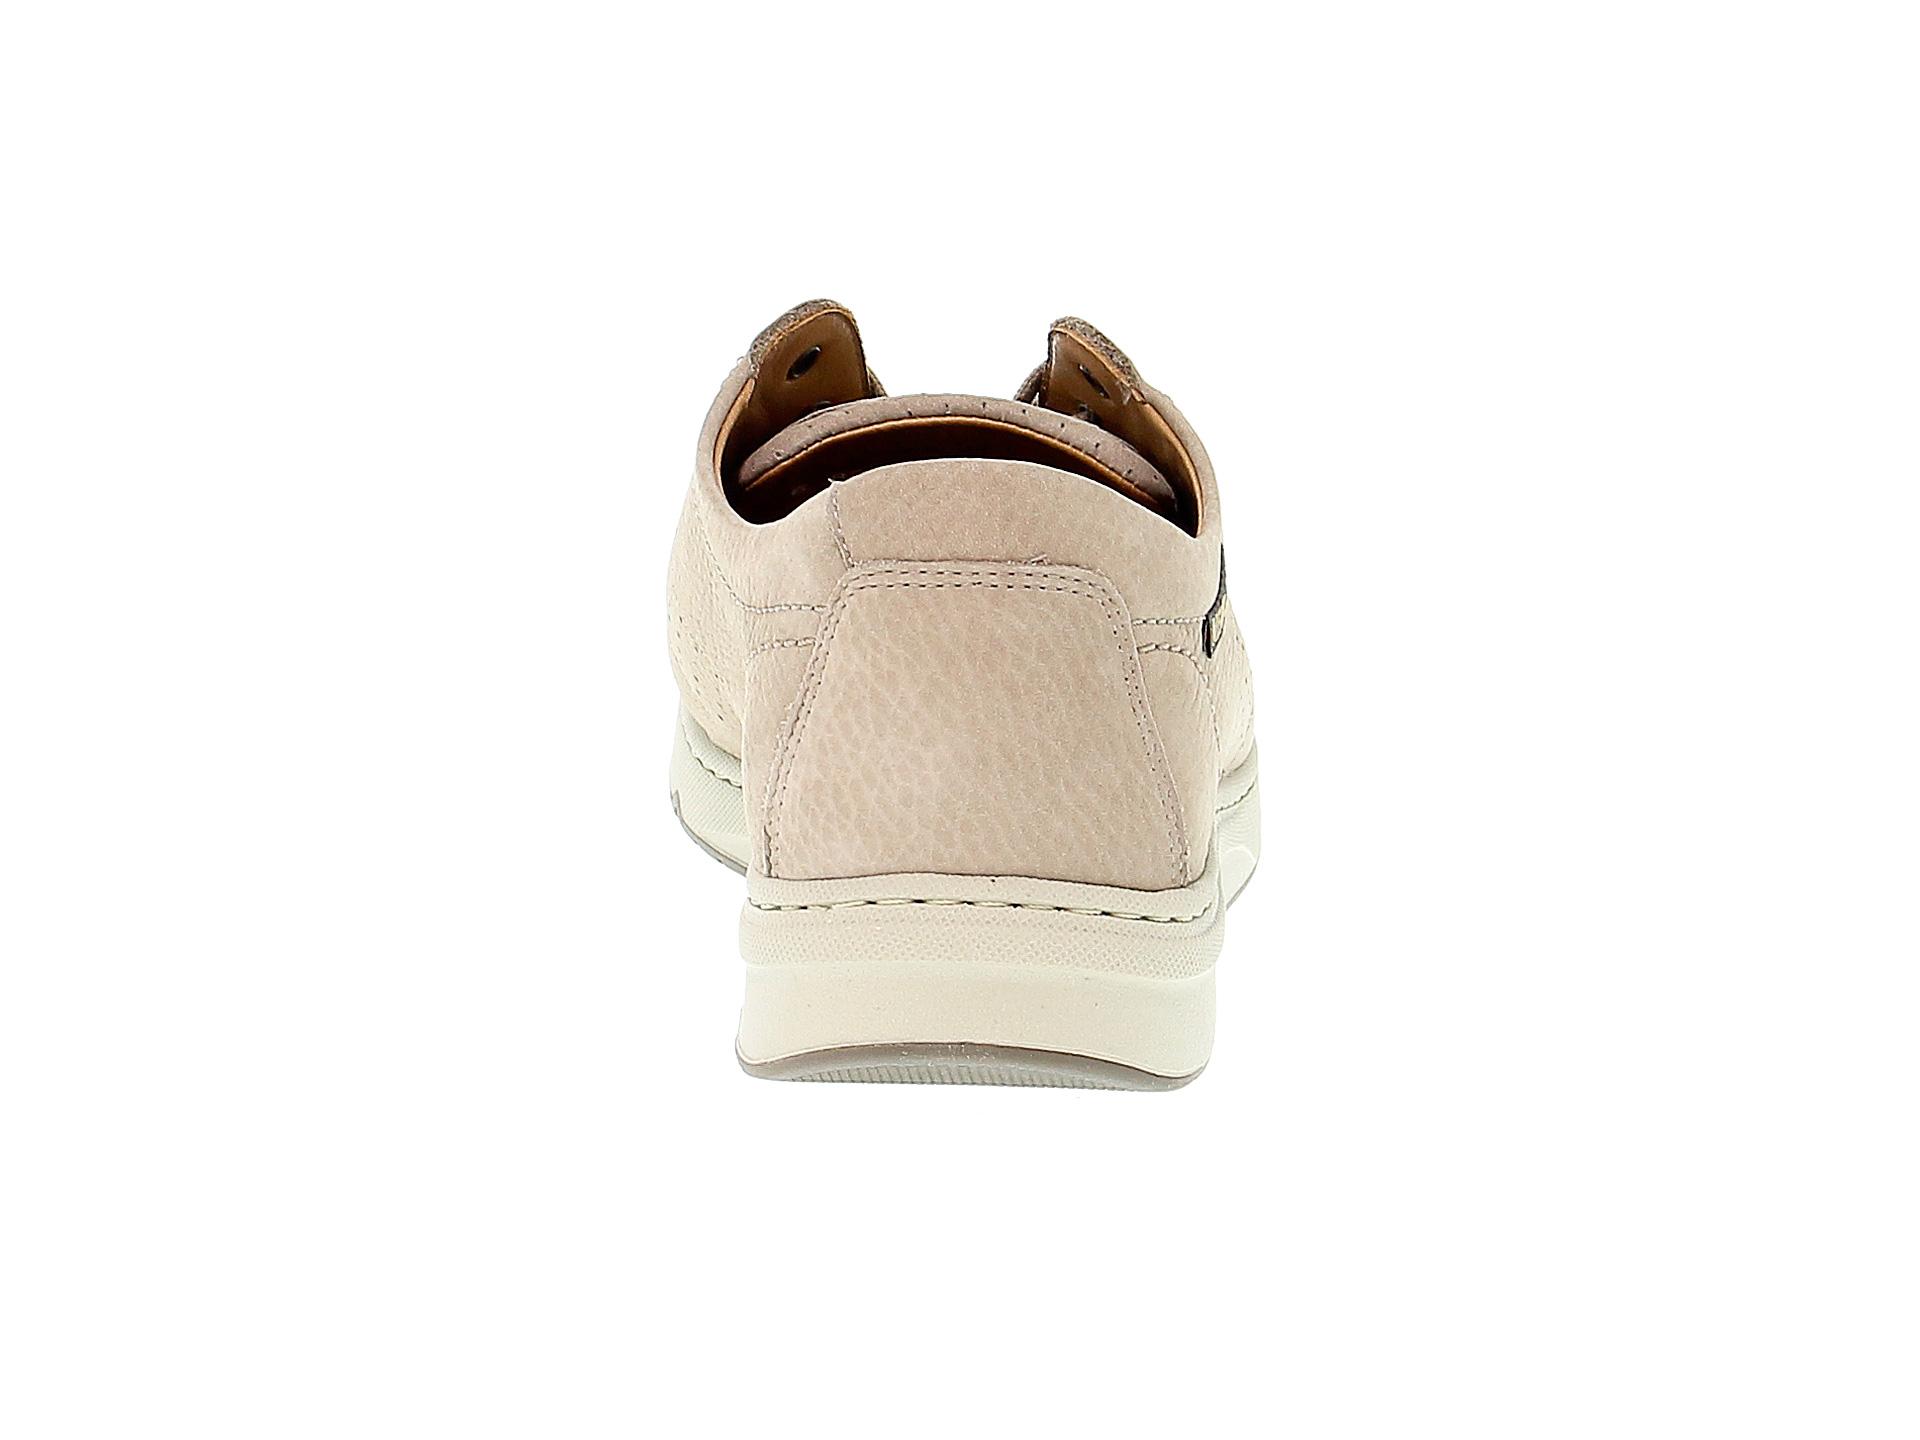 Jerome Lacets À À À Chaussures Mephisto Lacets Chaussures Mephisto Jerome Chaussures f6Y7gyvb